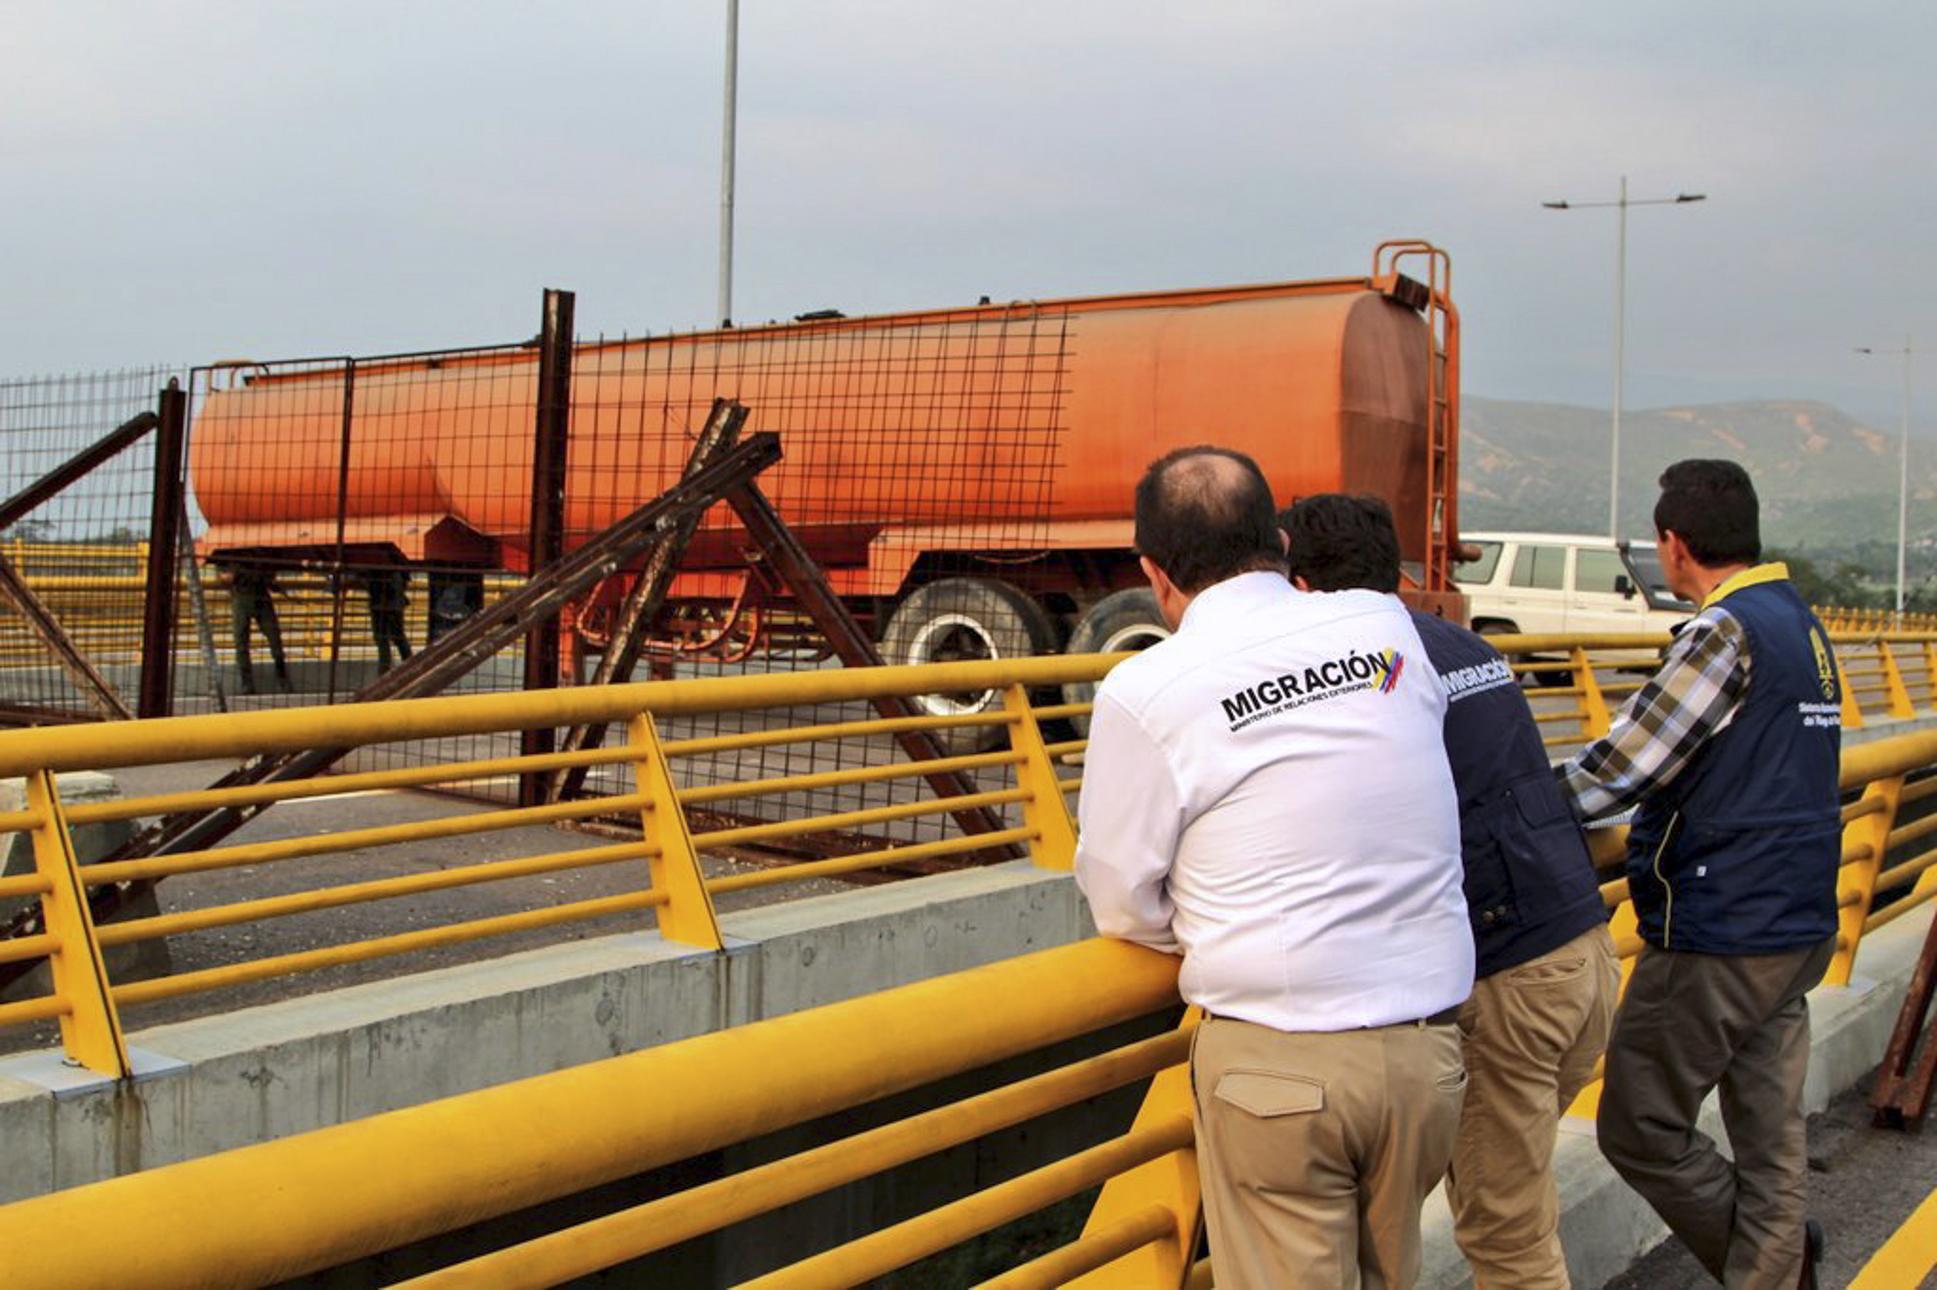 Primeras ayudas humanitarias para Venezuela llegan a Cúcuta